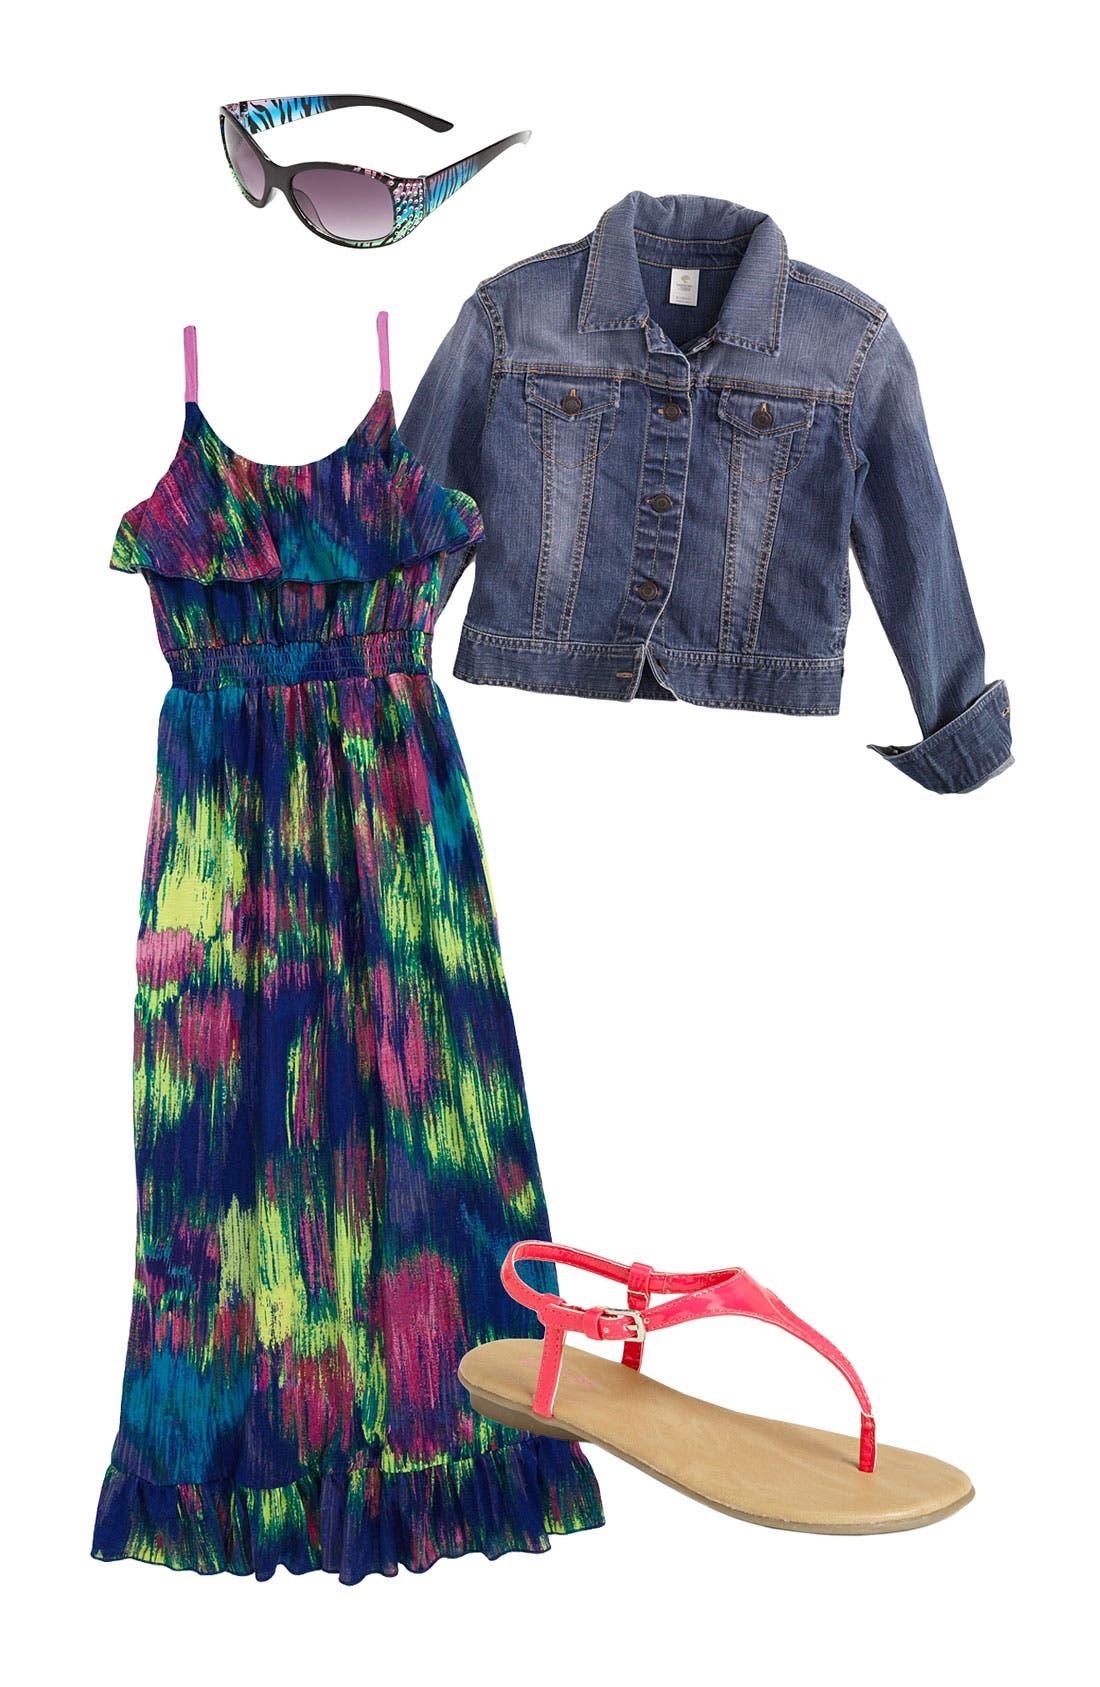 Main Image - Fire Maxi Dress & Tucker + Tate Denim Jacket (Big Girls)